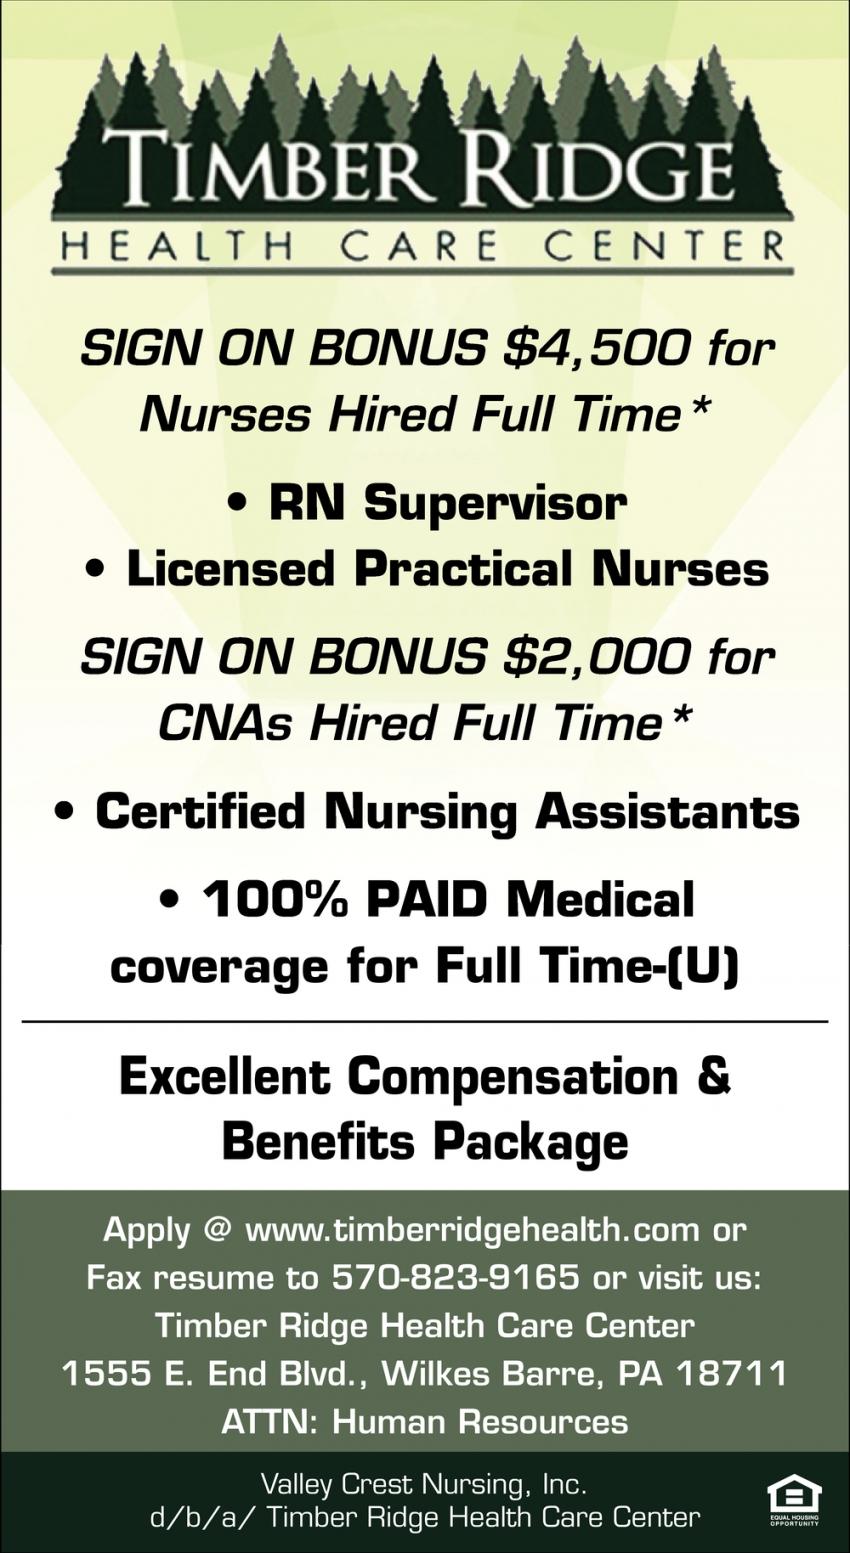 RN Supervisor, Licensed Practical Nurses, Certified Nursing Assistants